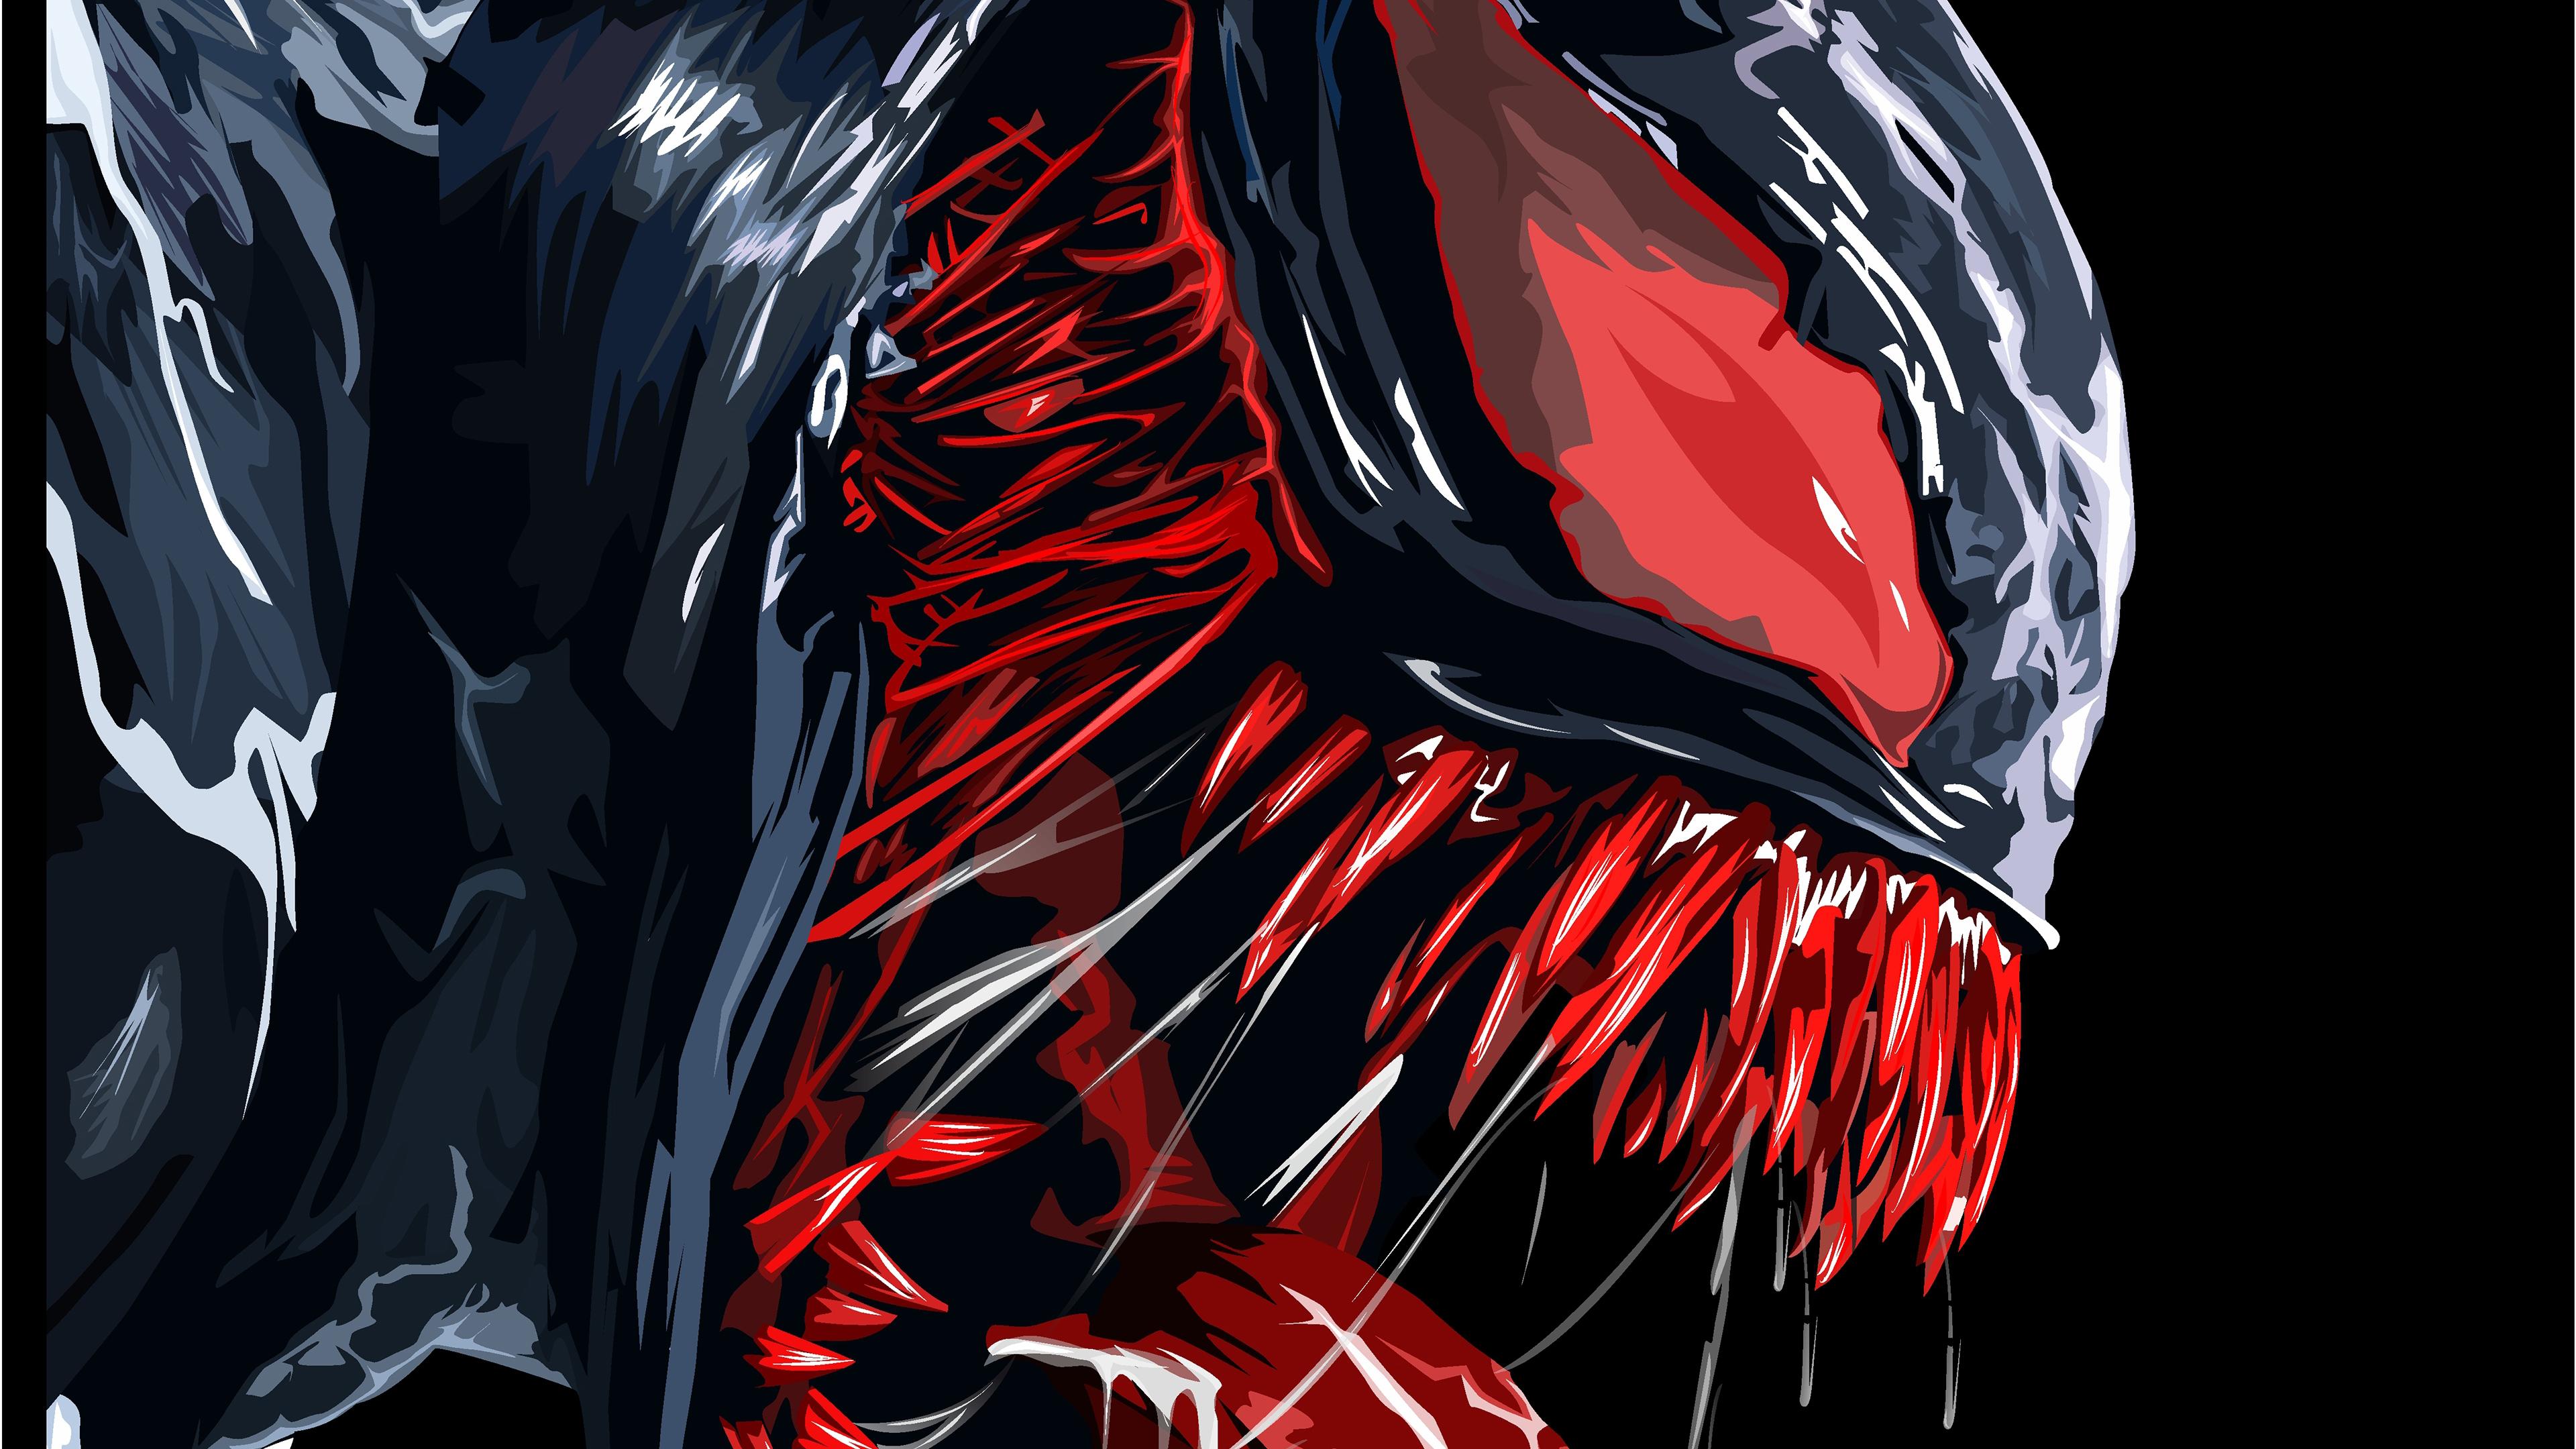 red venom artwork 4k 1543618789 - Red Venom Artwork 4k - Venom wallpapers, superheroes wallpapers, hd-wallpapers, digital art wallpapers, behance wallpapers, artwork wallpapers, 4k-wallpapers